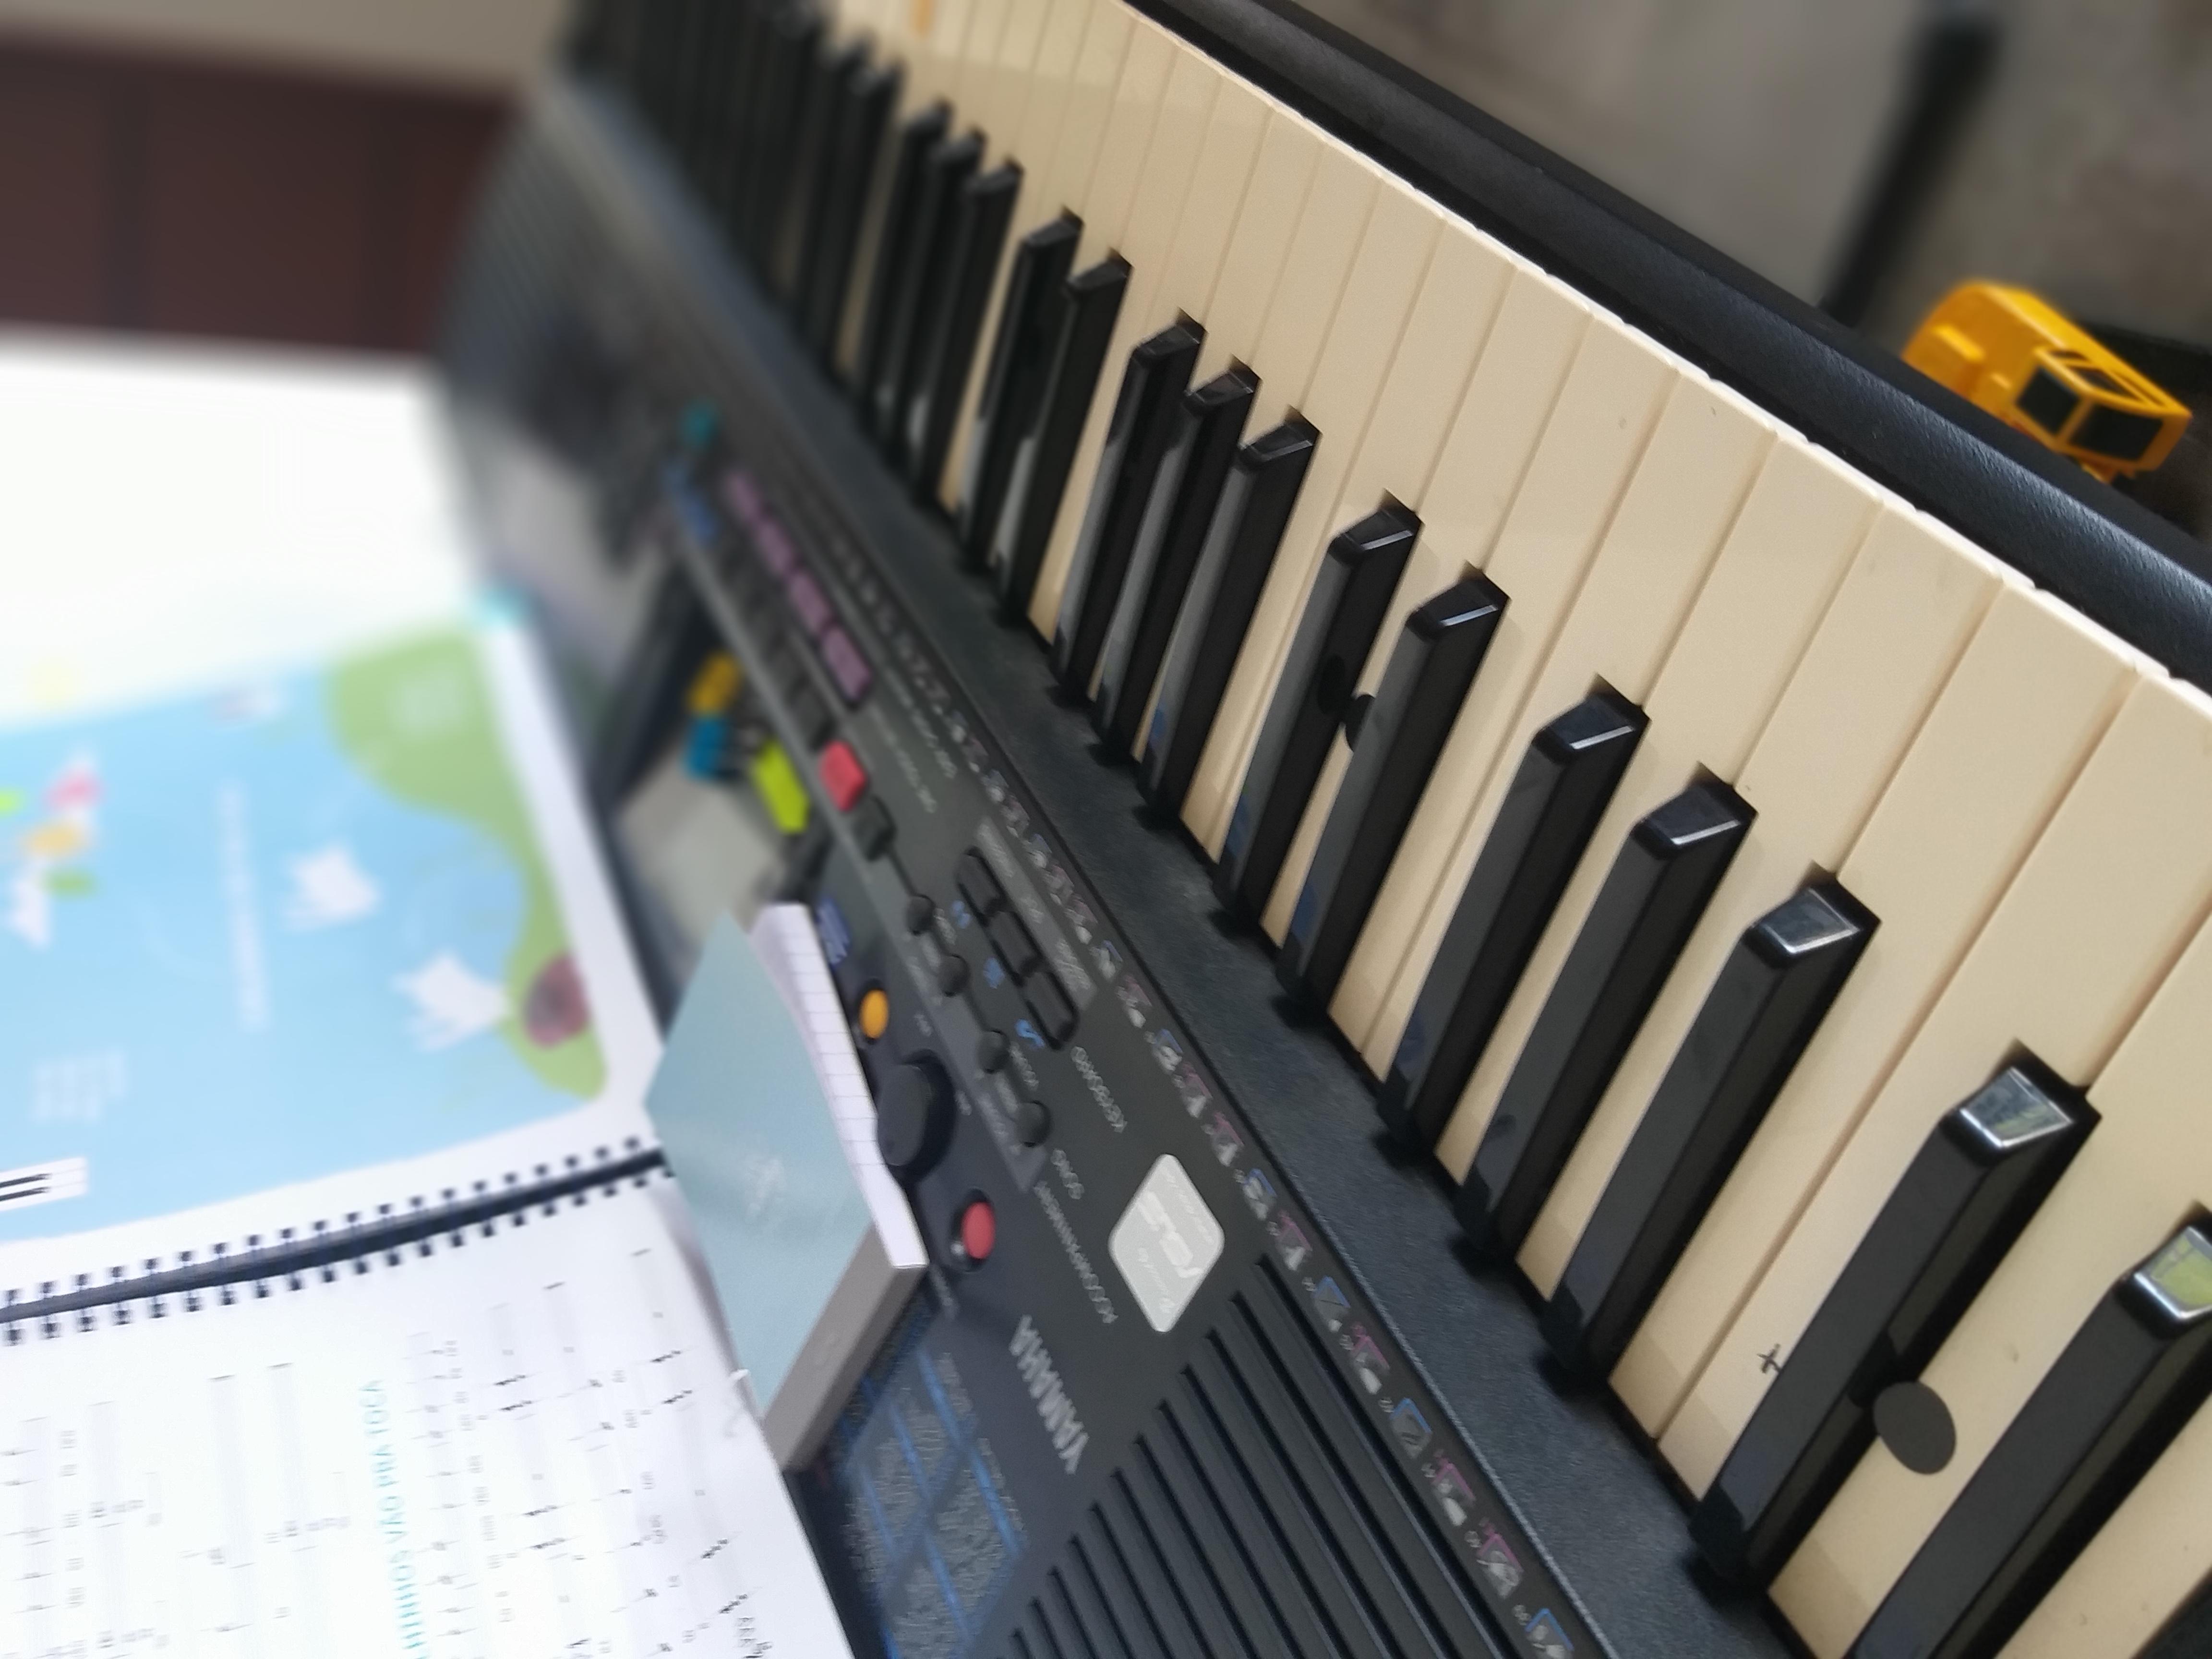 aulas de piano preço professor de piano online Loja Mineira do Musico